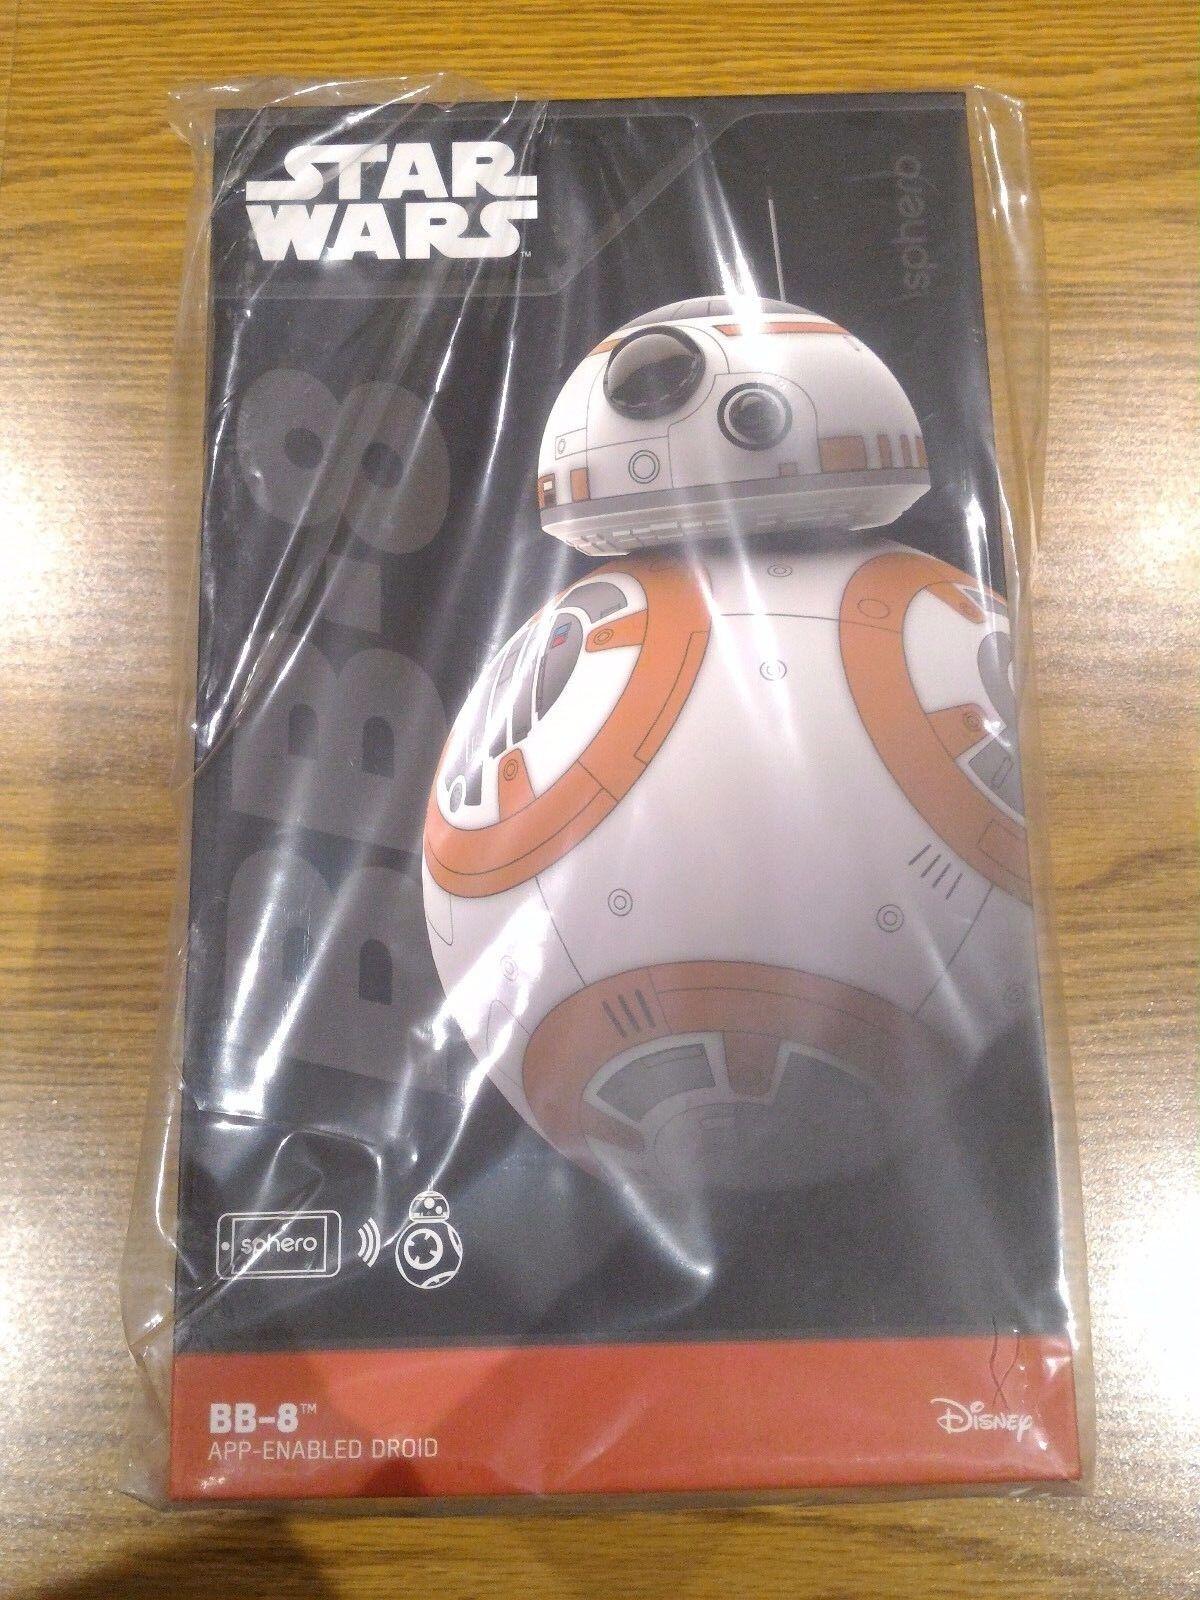 STAR WARS Sphero BB-8 Droid (Force Awakens App-Enabled)   NEW